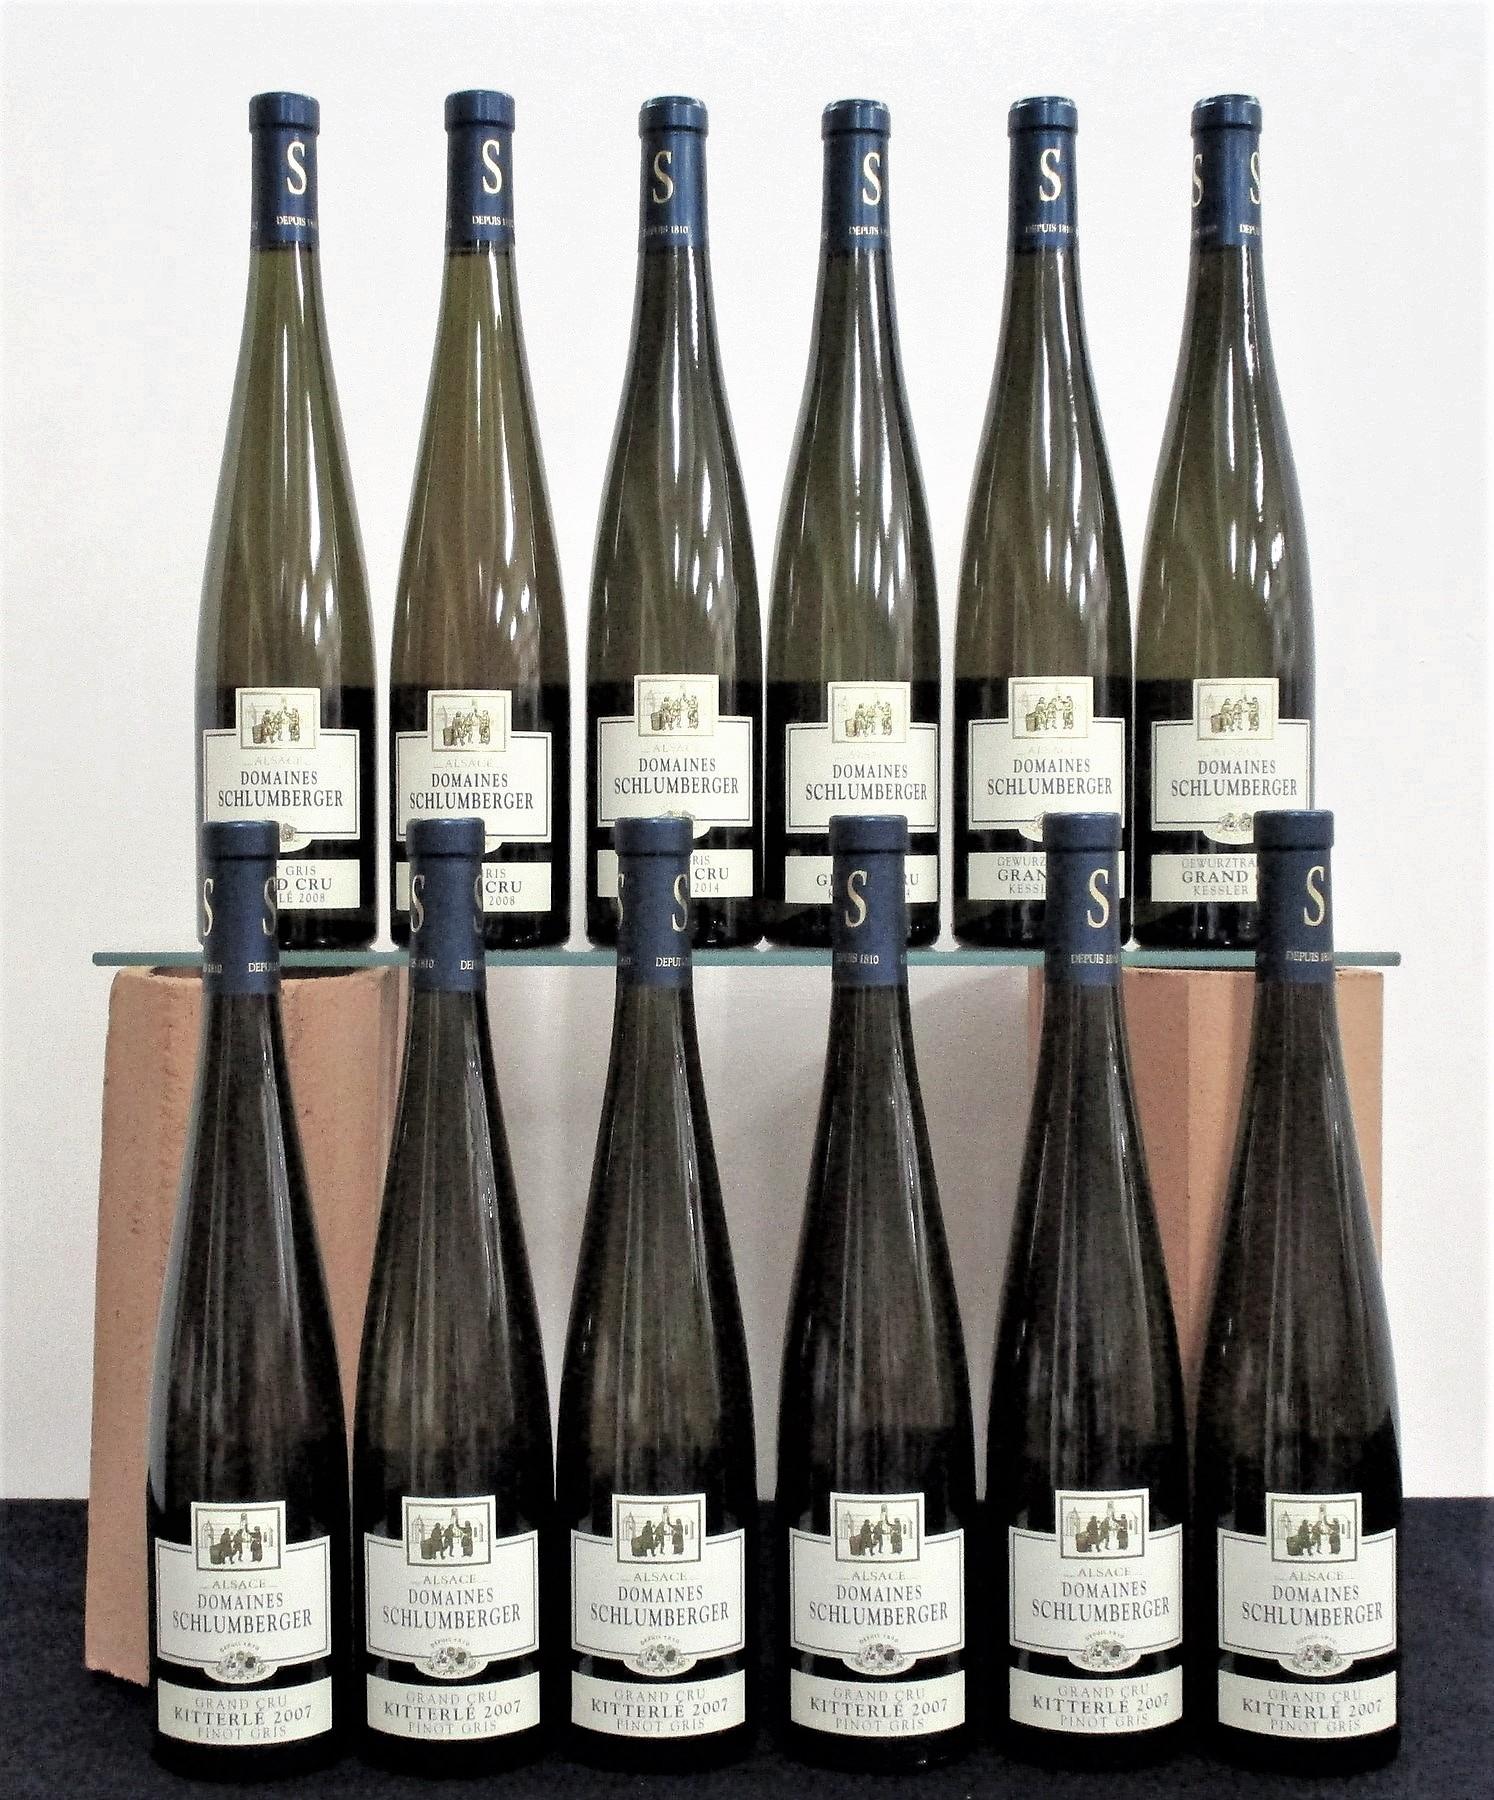 6 bts Dom Schlumberger Pinot Gris Grand Cru 2007 Kitterlé 2 bts Dom Schlumberger Pinot Gris Grand